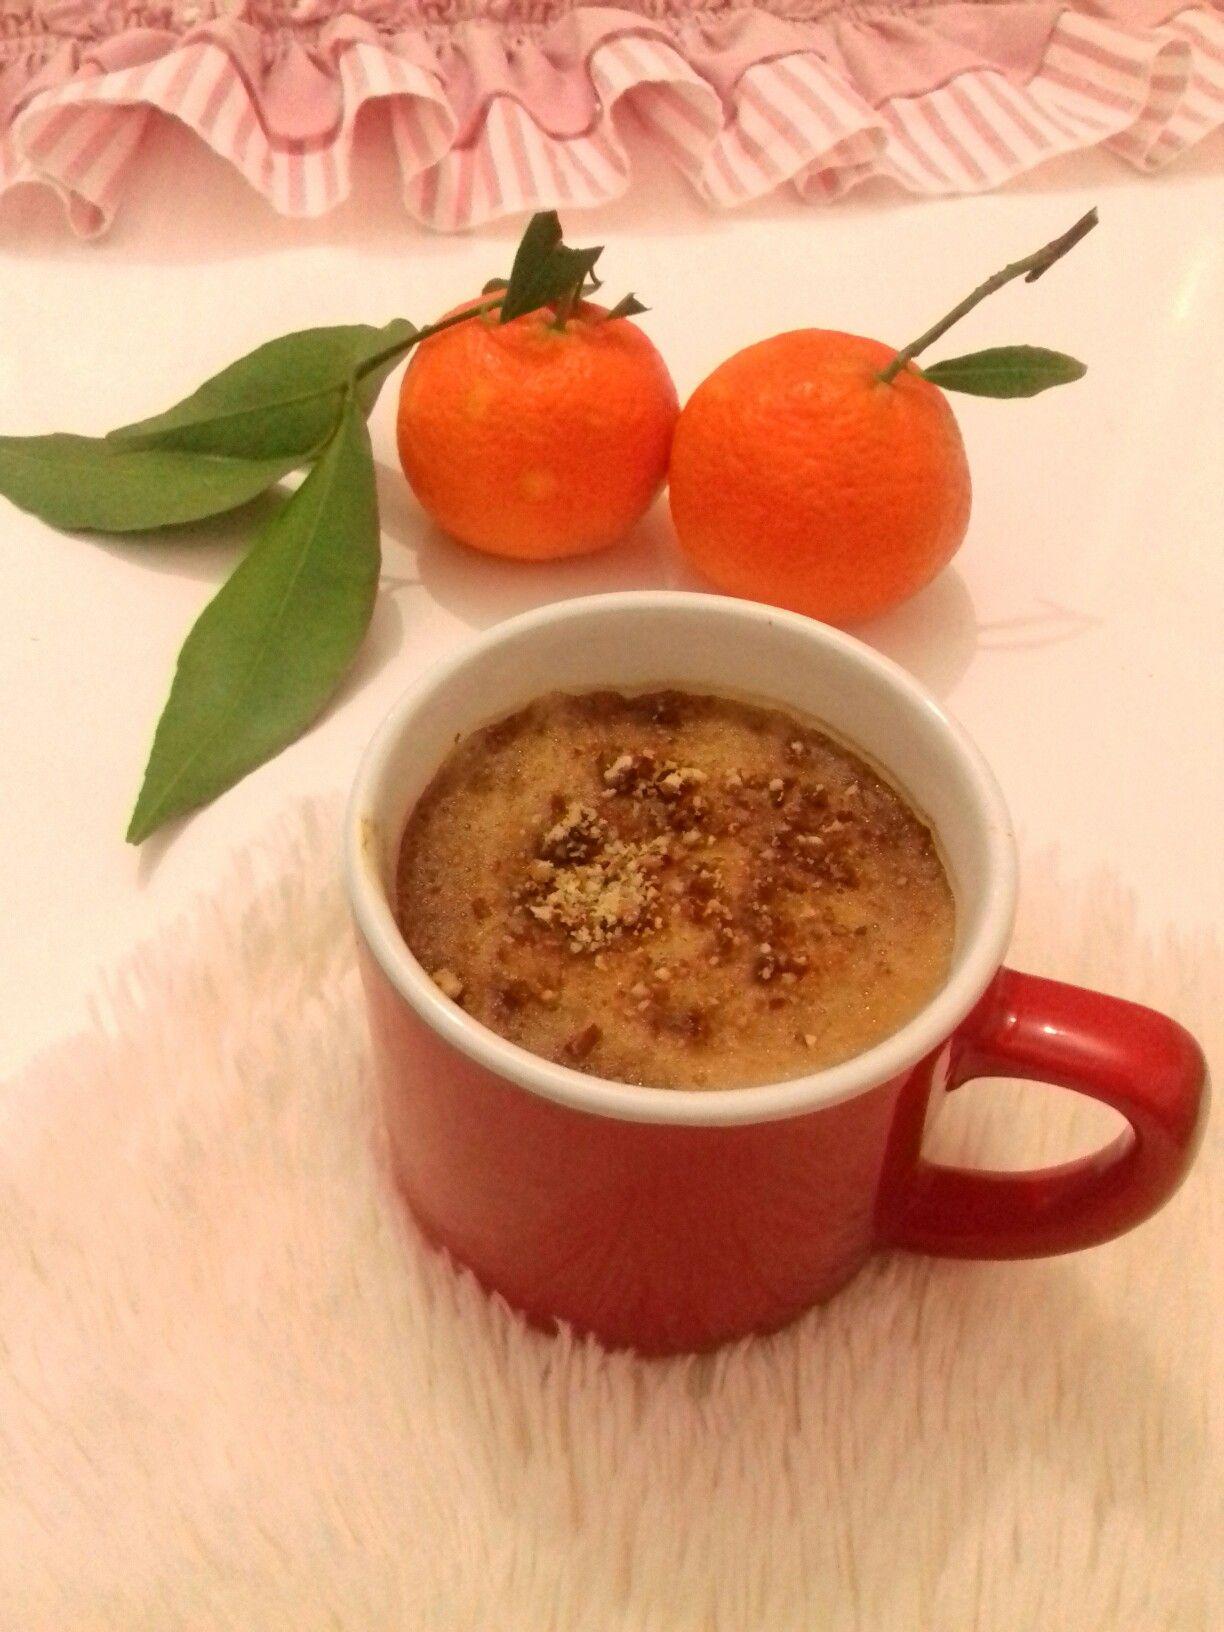 اجواء الشتاء الهادئة والجميله من الاشياء اللي تغير مزاجنا بلطف Clinic Interior Design Food Desserts